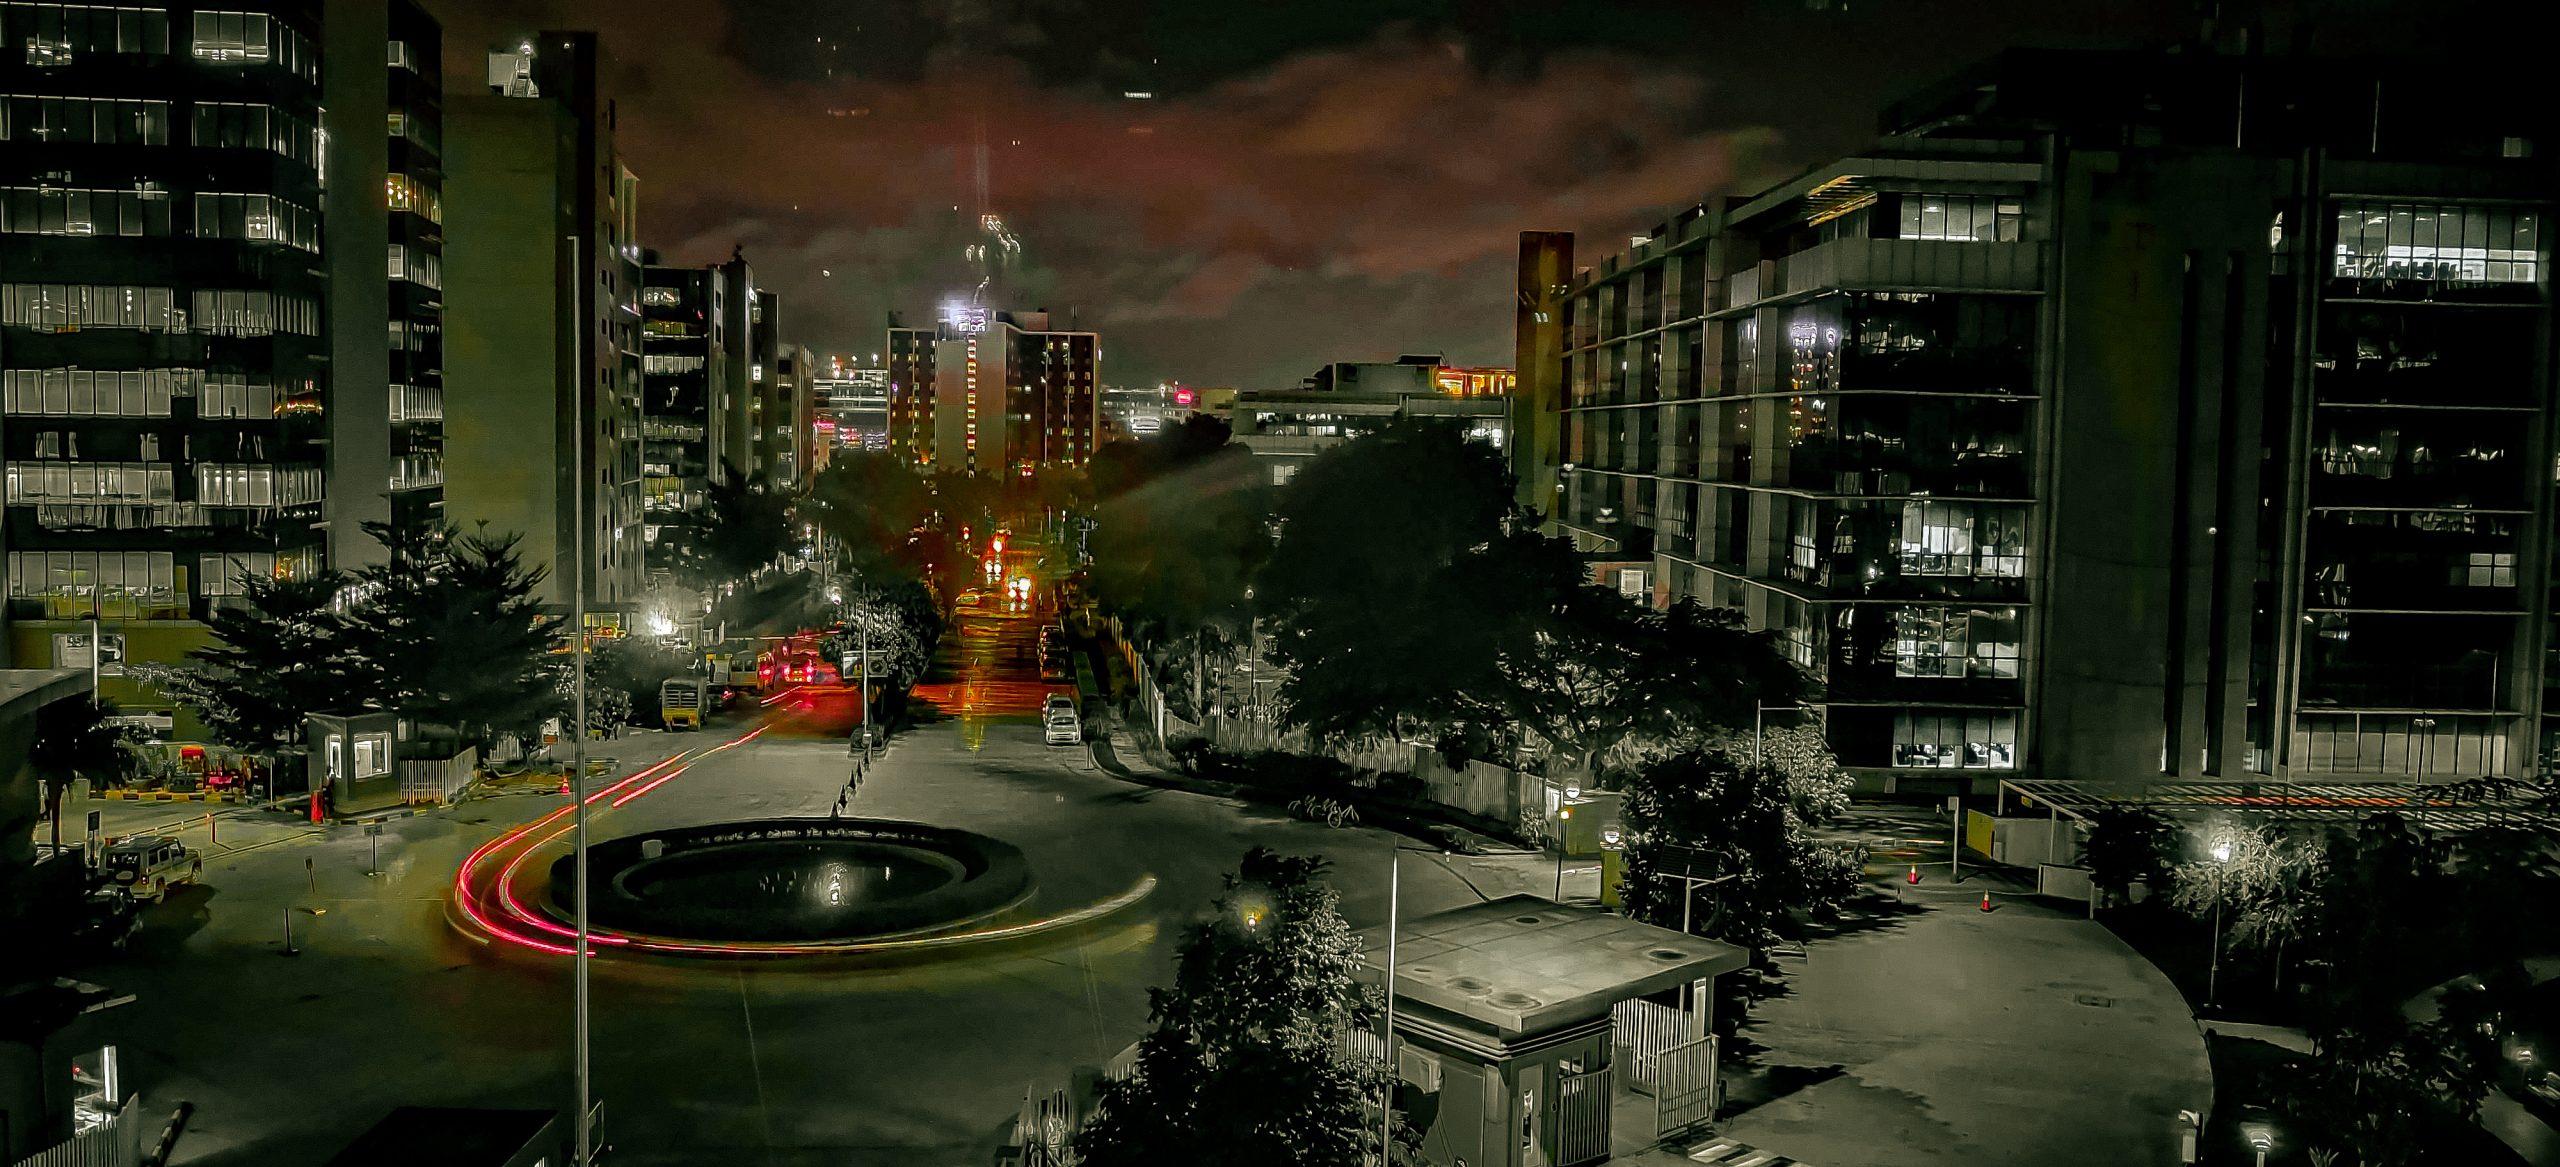 Urban Area in Night Shoot